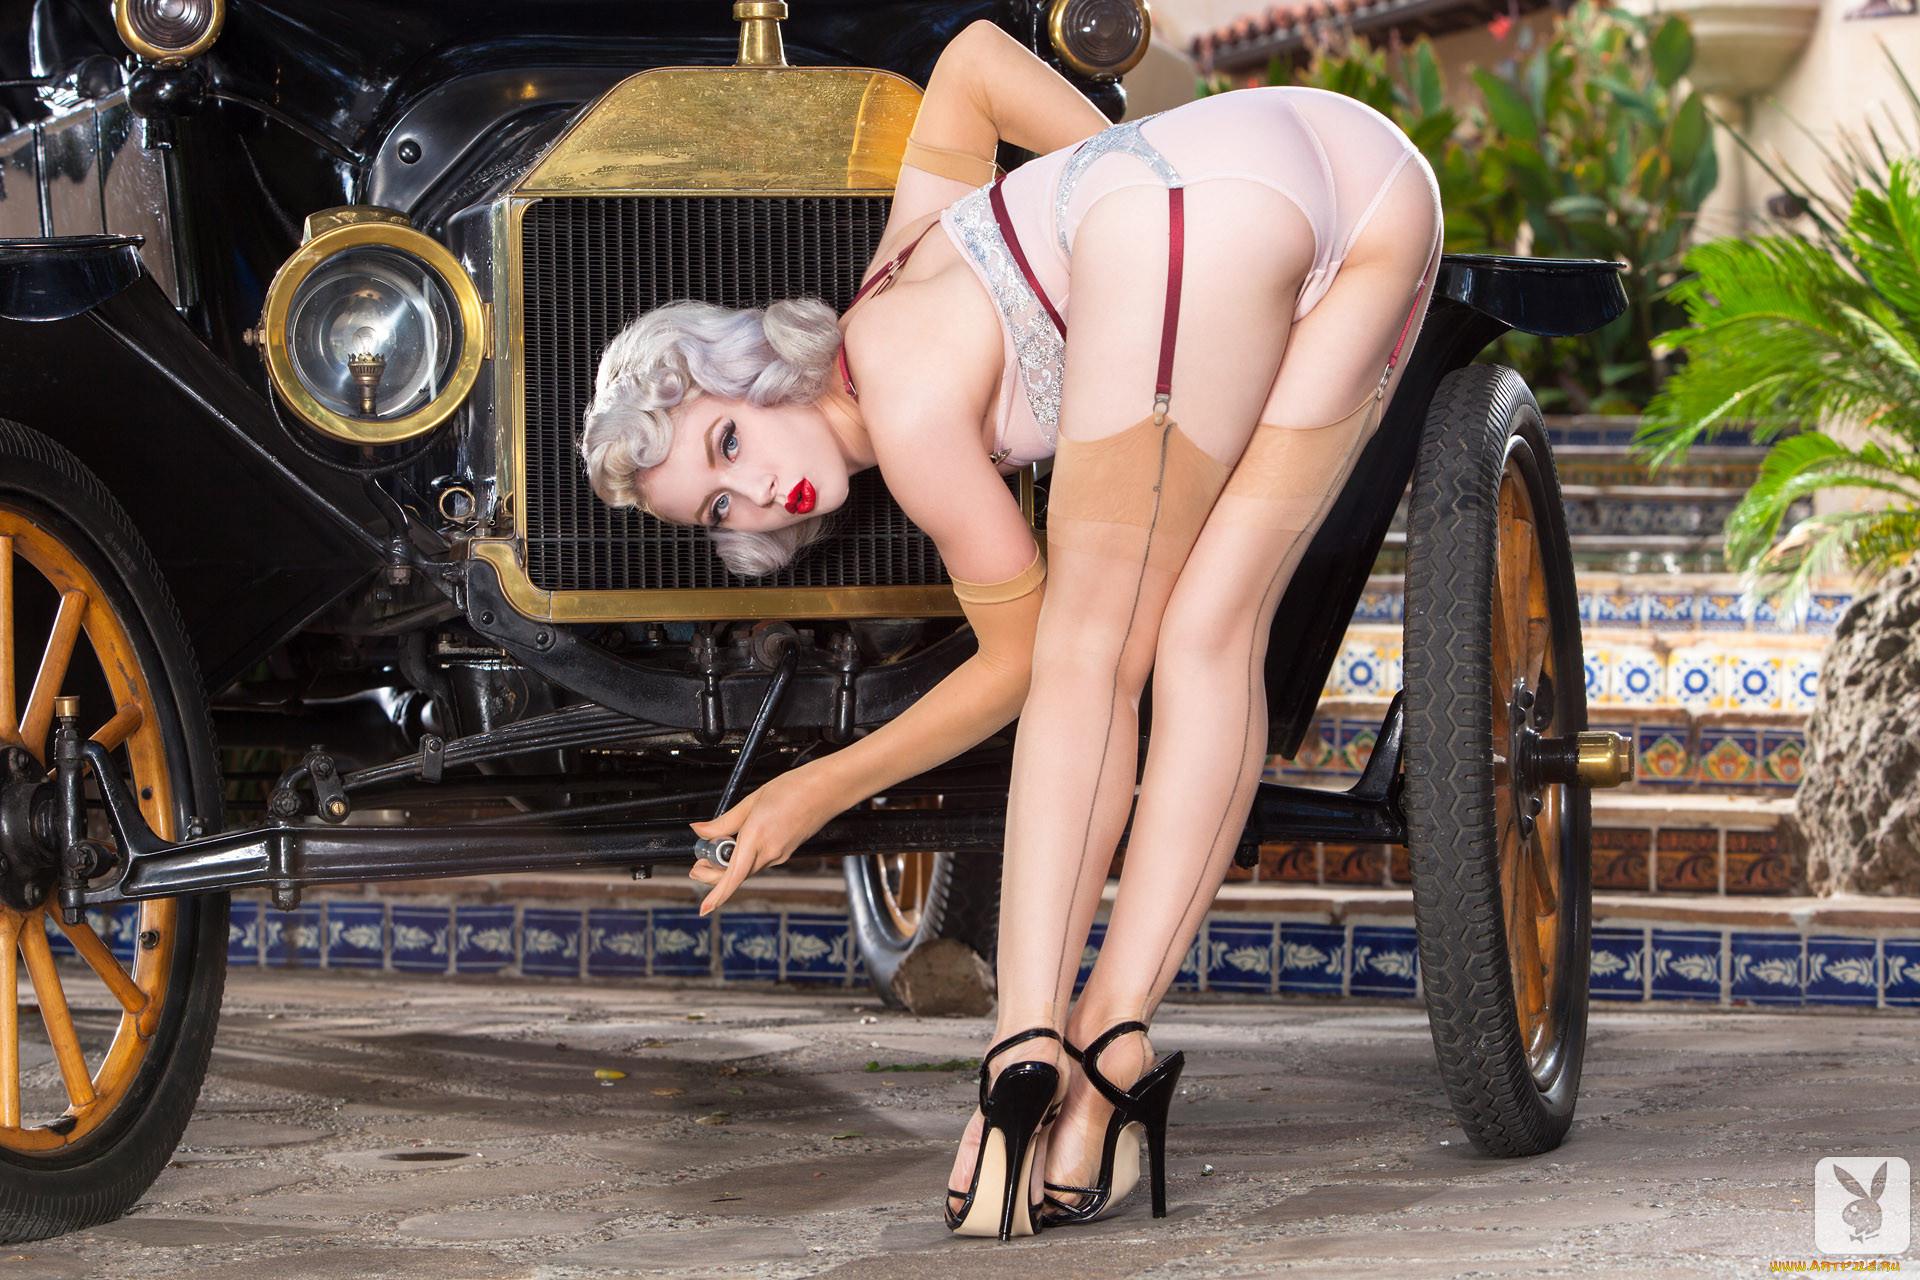 Эротические фото авто и девушки 11 фотография